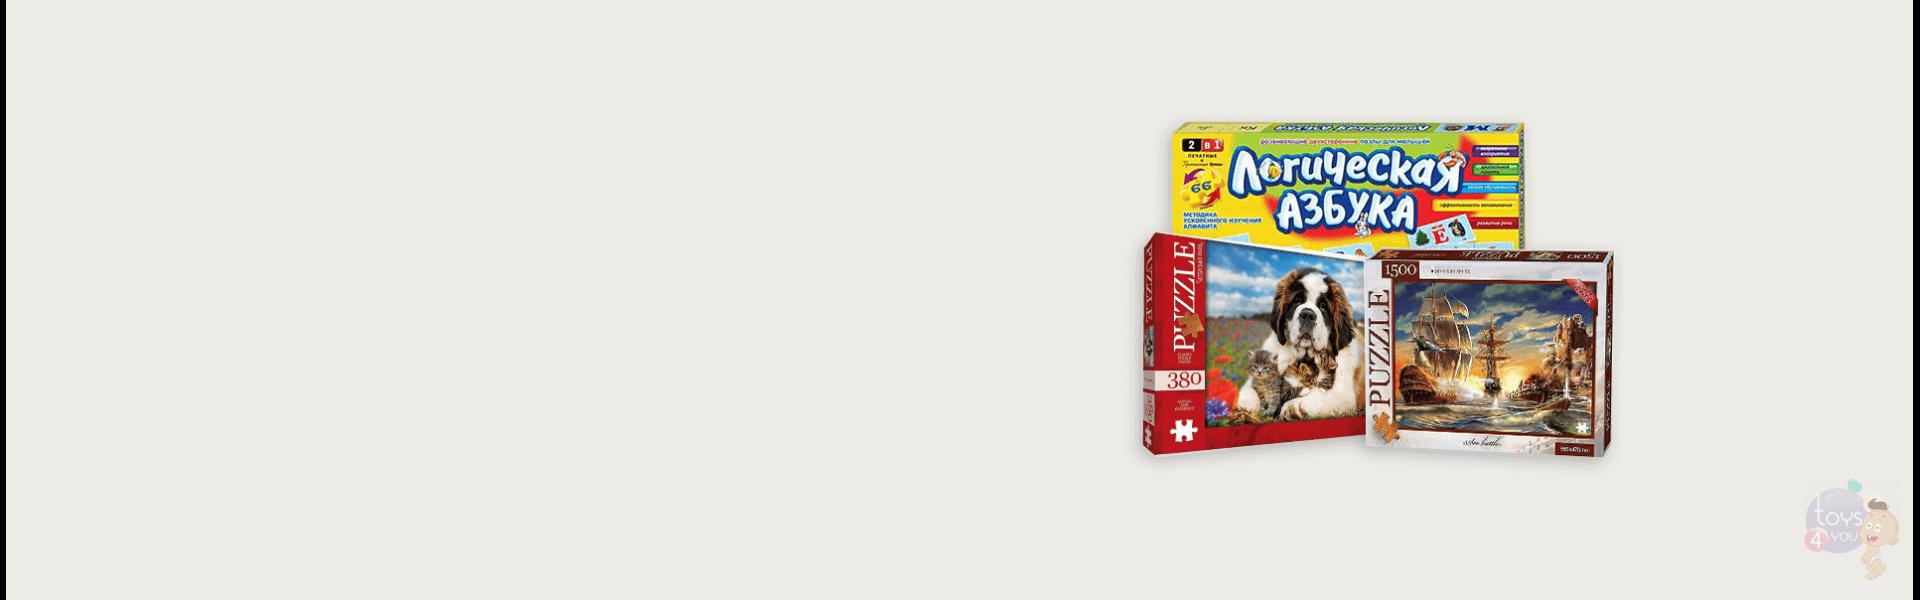 Danko toys – яркие игрушки для детей разного возраста|Игрушки не только развлекают малыша, но и способствуют его развитию. Это пазлы, игровые наборы, мягкие игрушки и другие. Все товары соответствуют санитарно-гигиеническим нормам.